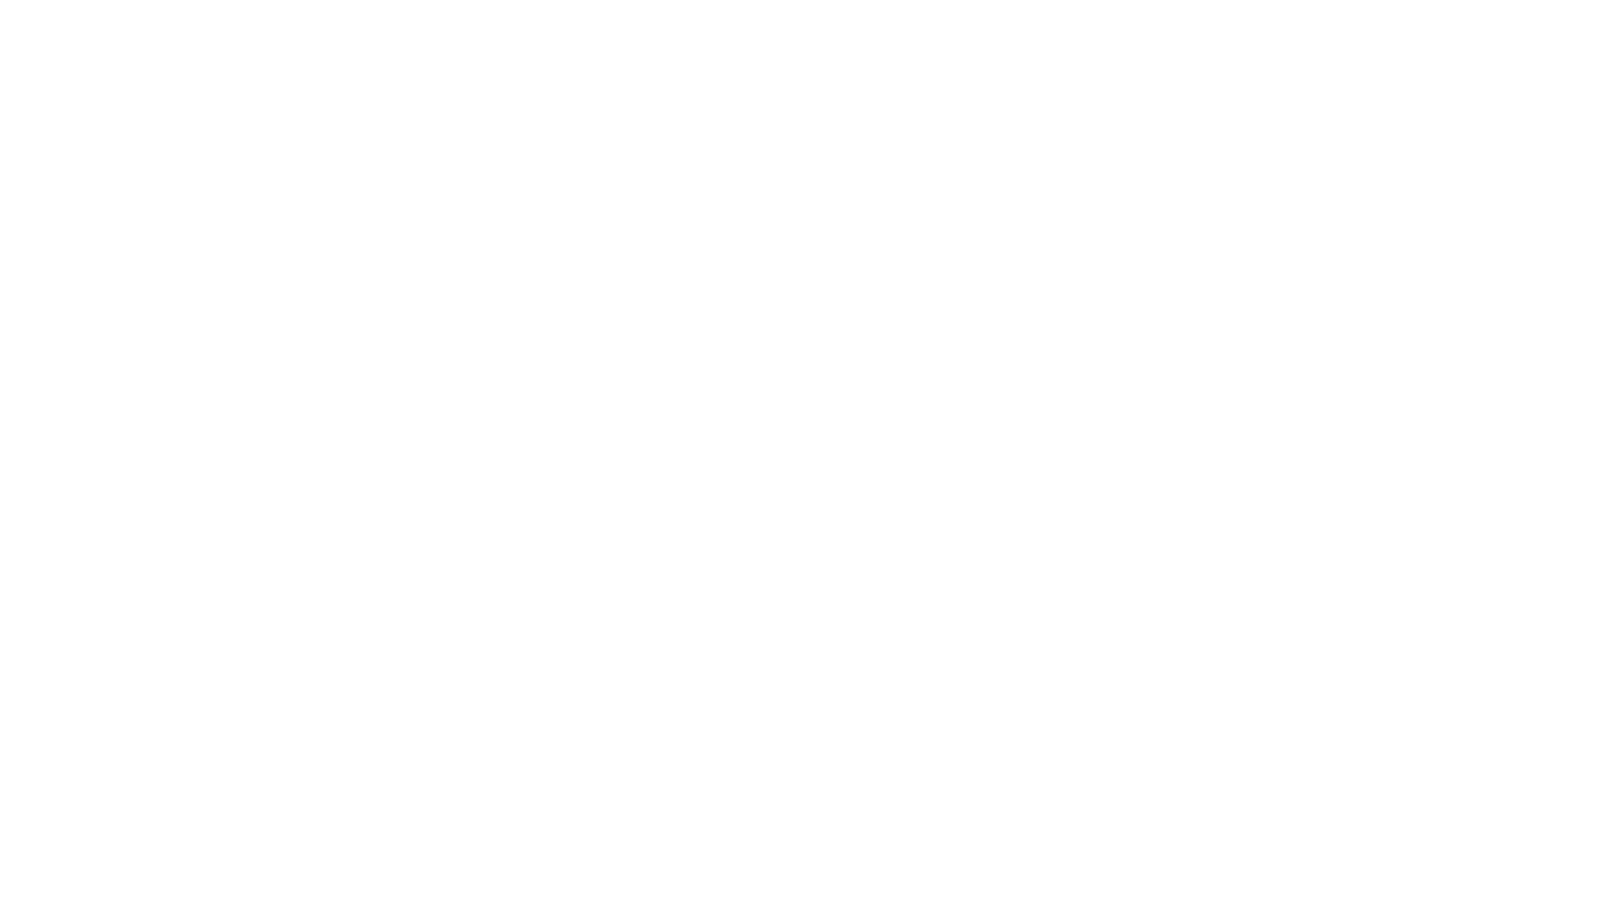 """Heute gibt es ein paar Impressionen aus meiner sehr kleinen Gärtnerei, in der sich langsam der Herbst ausbreitet.  Neben neuen Pflanzen (Sarracenia flava maxima, oder leucophylla), gibt es ein Update zur Sphagnumzucht und zu den bestehenden Pflanzen. Zum Schluss wird noch der Gewinner des letzten 400-Abonnenten-Gewinnspiels gezogen. --- Nutze den Code """"YouTube10"""" und erhalte 10% Rabatt auf Bestellungen in unserem Shop auf https://toedlichefallen.de/ --- Nützliche Produkte, die ich selber nutze: - Wasserhärte messen*: https://amzn.to/2zmmF4Y - Luftfeuchtigkeit messen*: https://amzn.to/2RczaEQ - Pflanzenlampe (45W)*: https://amzn.to/2UpdyHv - Blattlausfrei*: https://amzn.to/36mpnnG - Nematoden*: https://amzn.to/3bN5erO - Gelbtafeln*: https://amzn.to/2ZqH83J --- Die mit * markierten Links sind Affiliate-Links. Es entstehen für dich keine Mehrkosten. Kaufst du etwas über den Link, erhalte ich von Amazon eine geringe Provision. --- Blog: https://toedlichefallen.de/blog/ Shop: https://toedlichefallen.de/"""